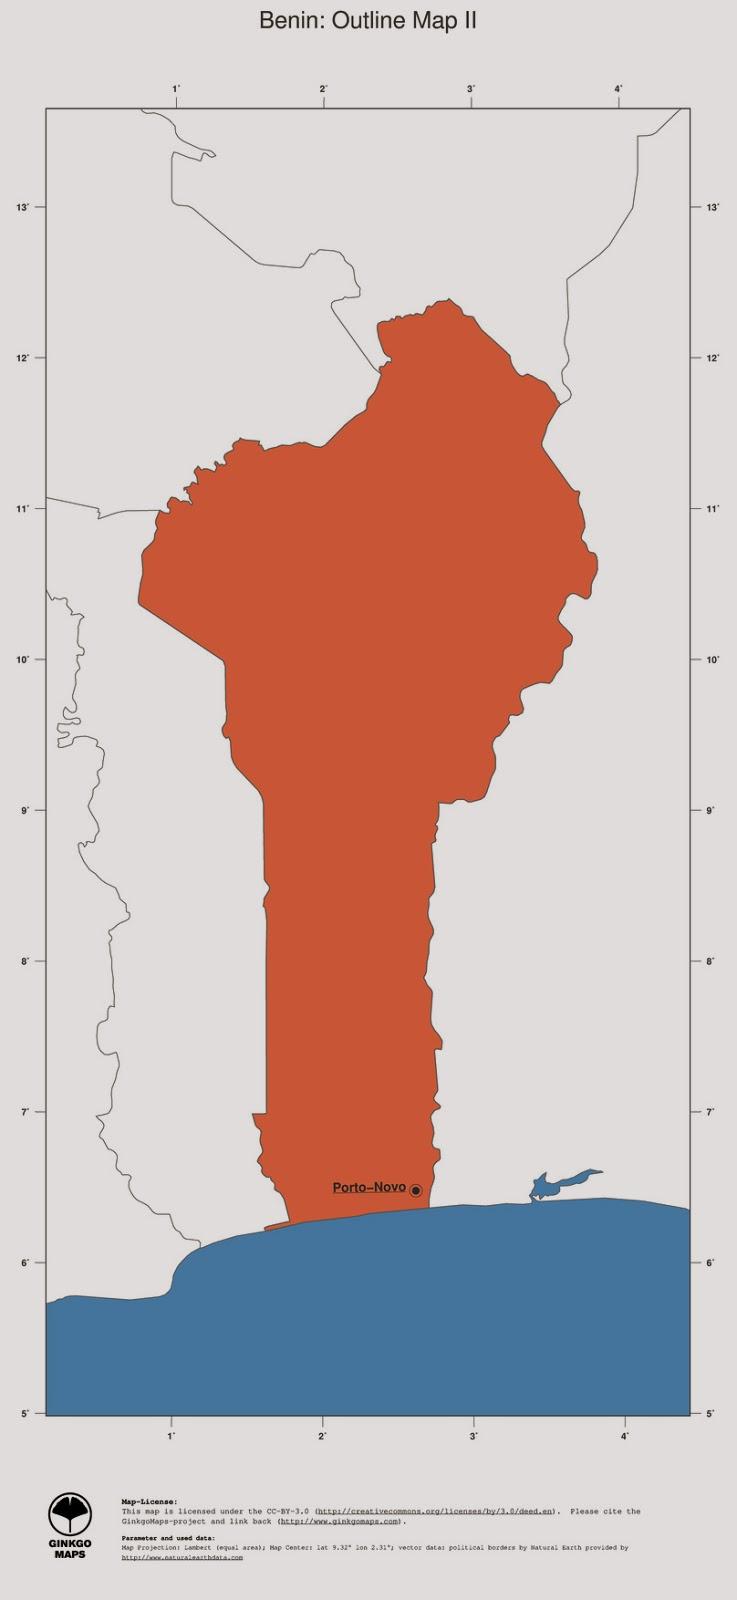 free maps download Benin map